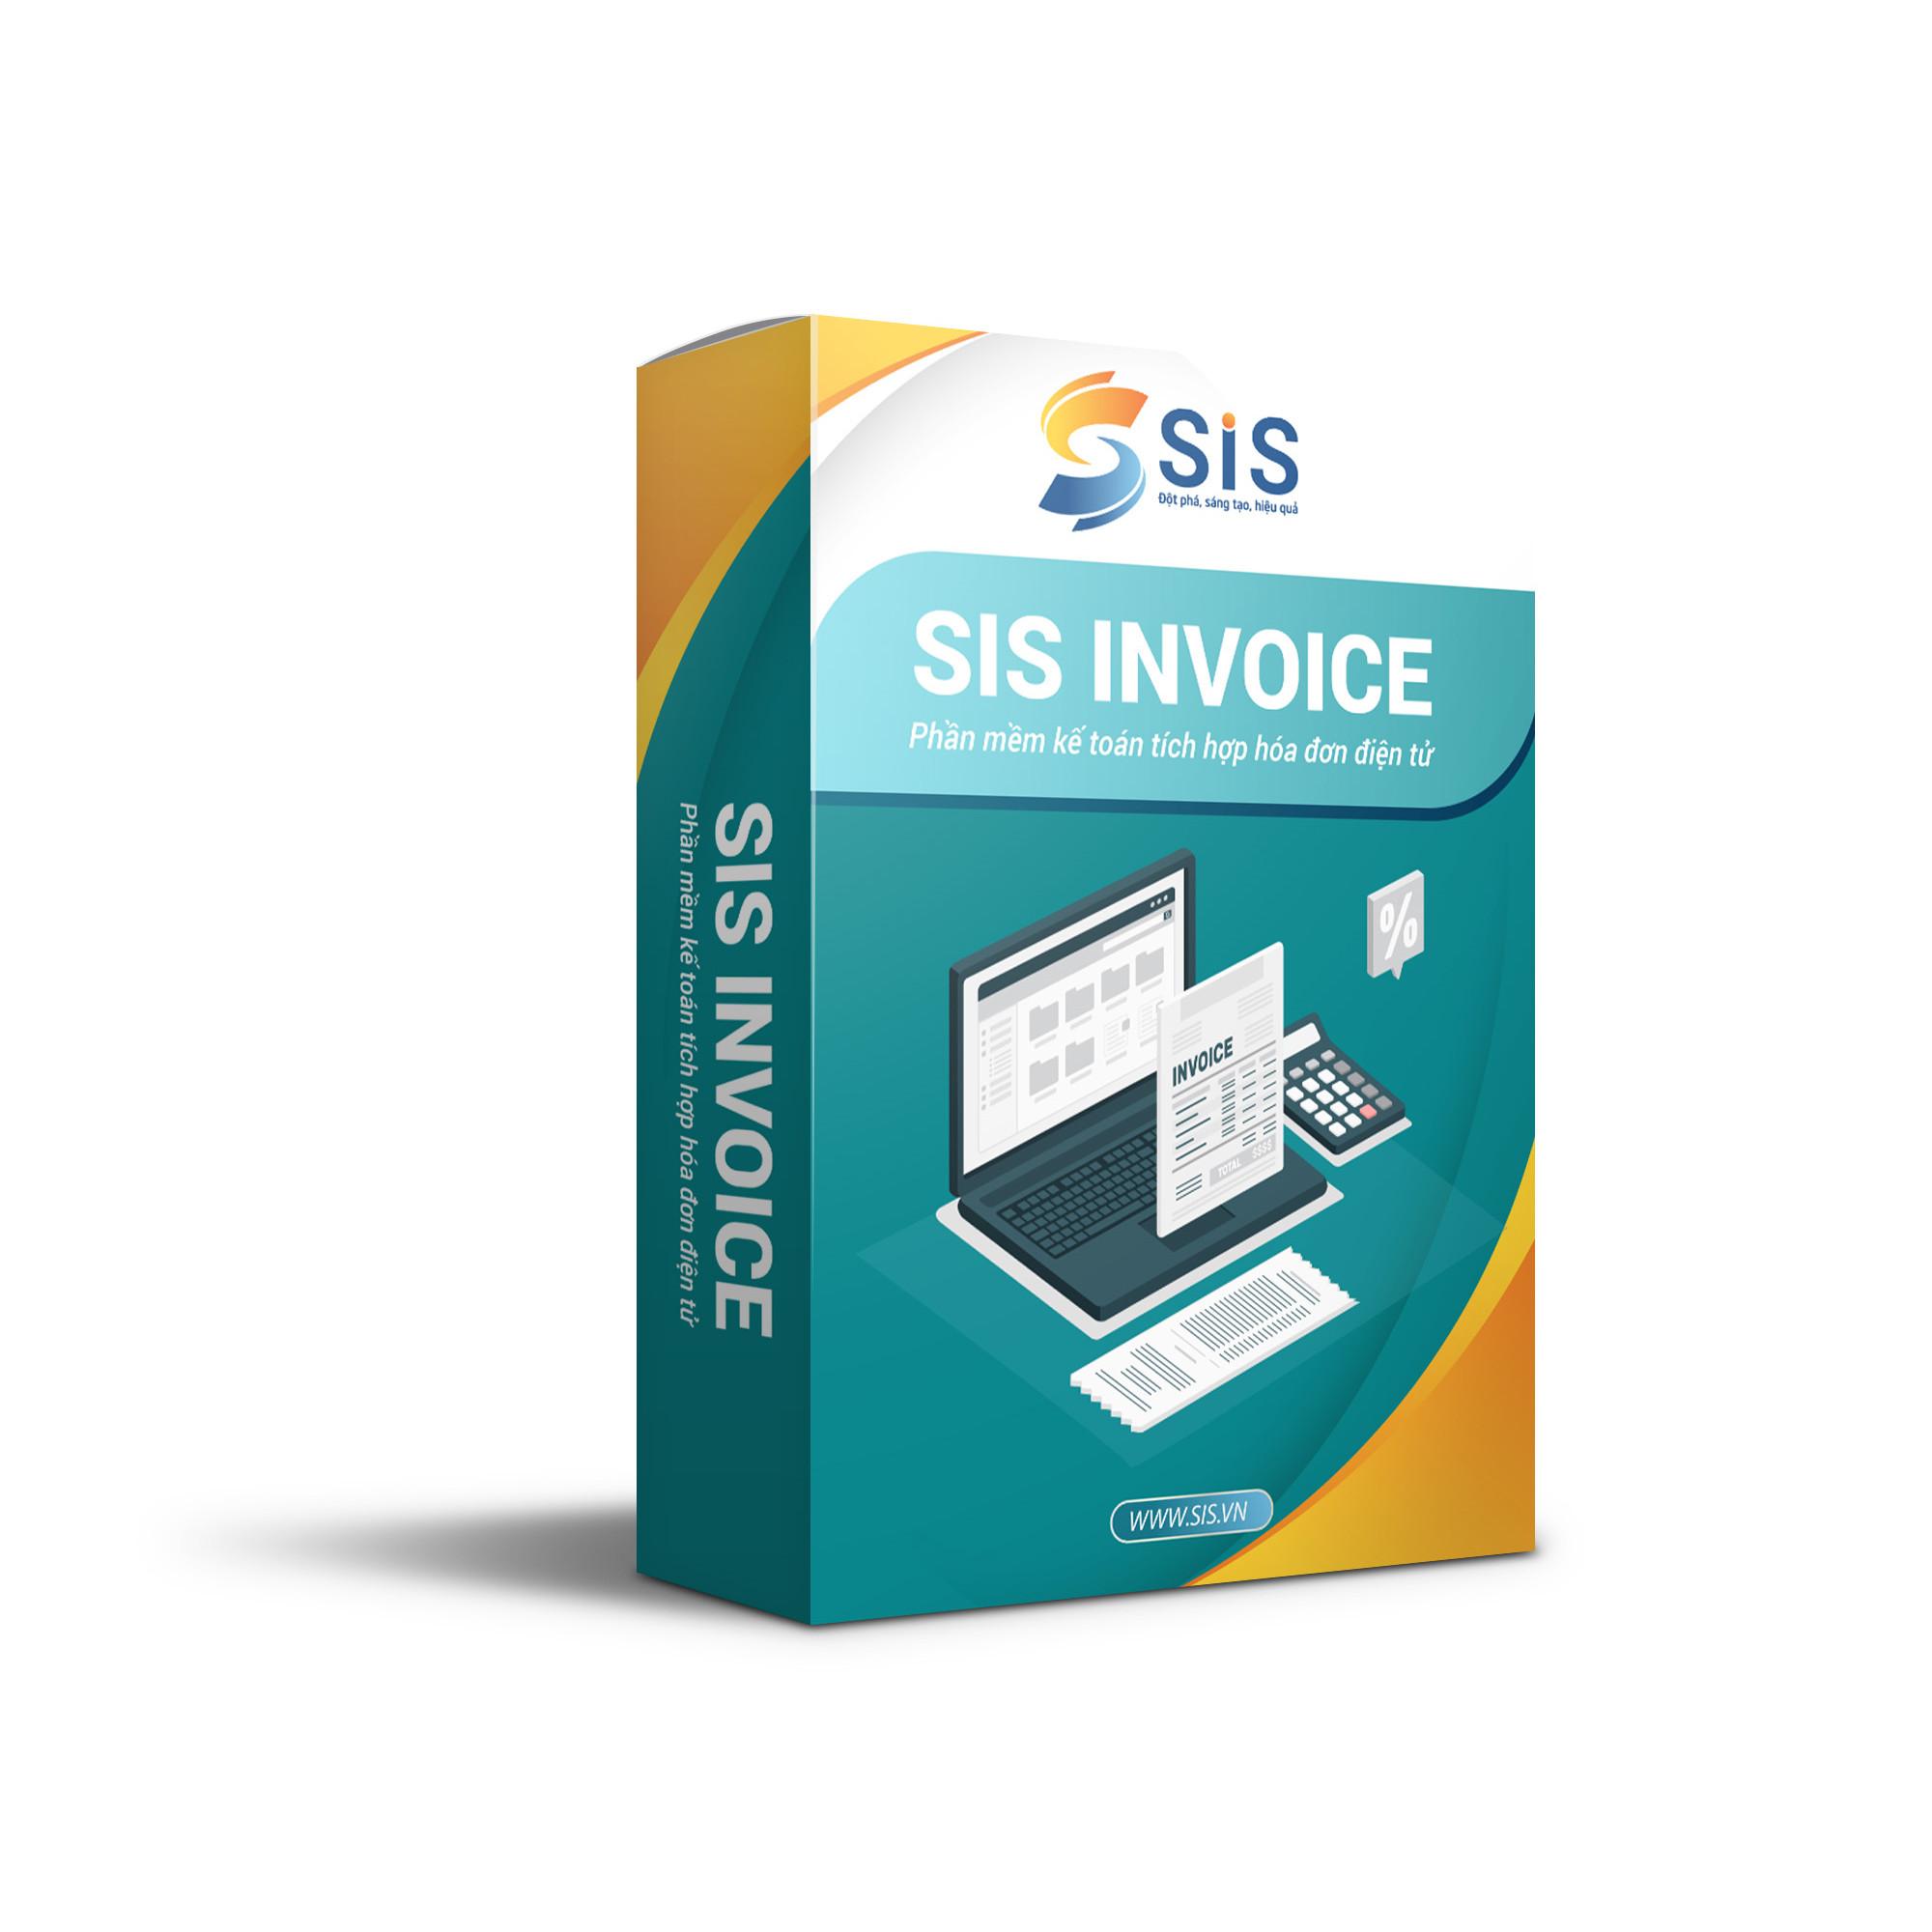 Phần mềm kế toán tích hợp hóa đơn điện tử SIS INVOICE 2021 Hàng chính hãng - Hỗ trợ mọi nghiệp vụ doanh nghiệp - Nhanh chóng, an toàn, tiện ích - Cập nhật thông tư liên tục